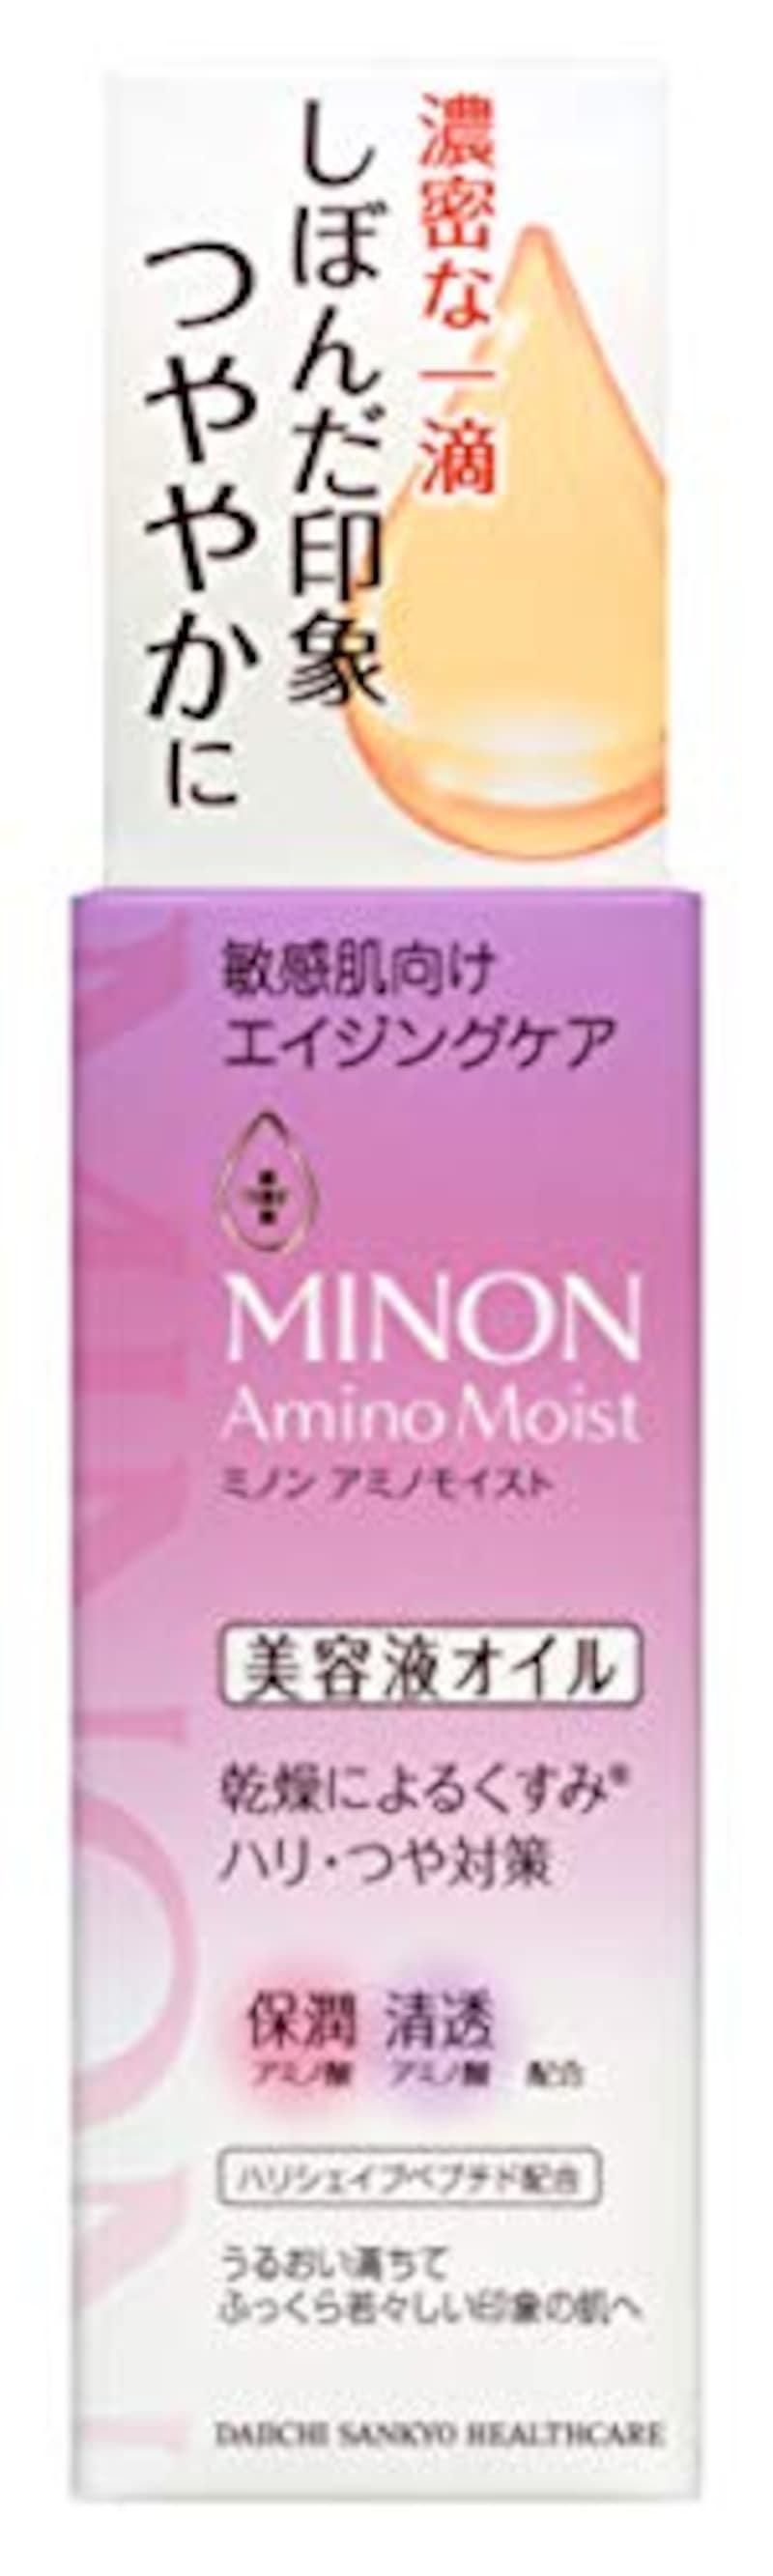 ミノン,アミノモイスト エイジングケア 美容液